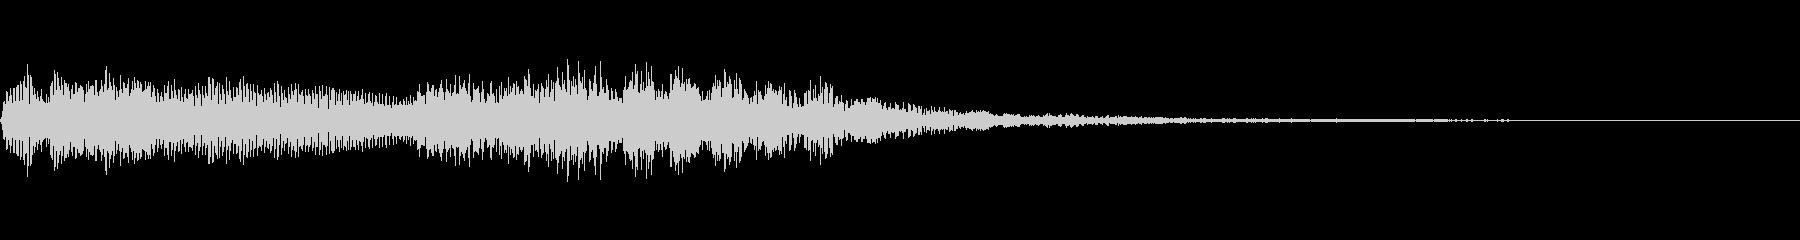 パイプオルガン~バッハのトッカータ後半~の未再生の波形